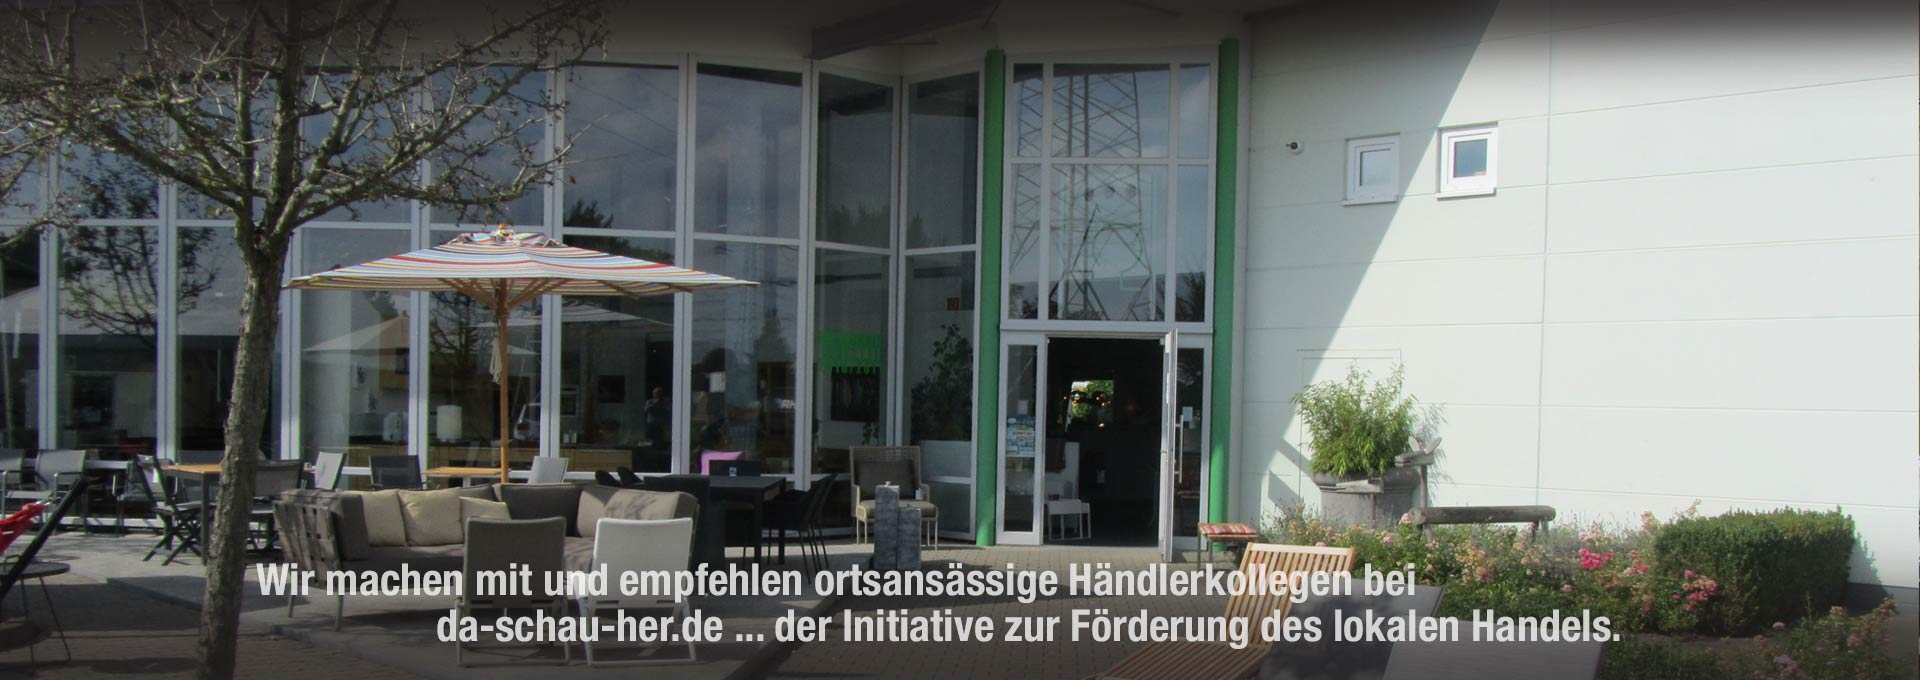 Blickfang Möbelhaus In Der Nähe Dekoration Von Möbel Klauth – Wir Empfehlen Andere Unternehmen